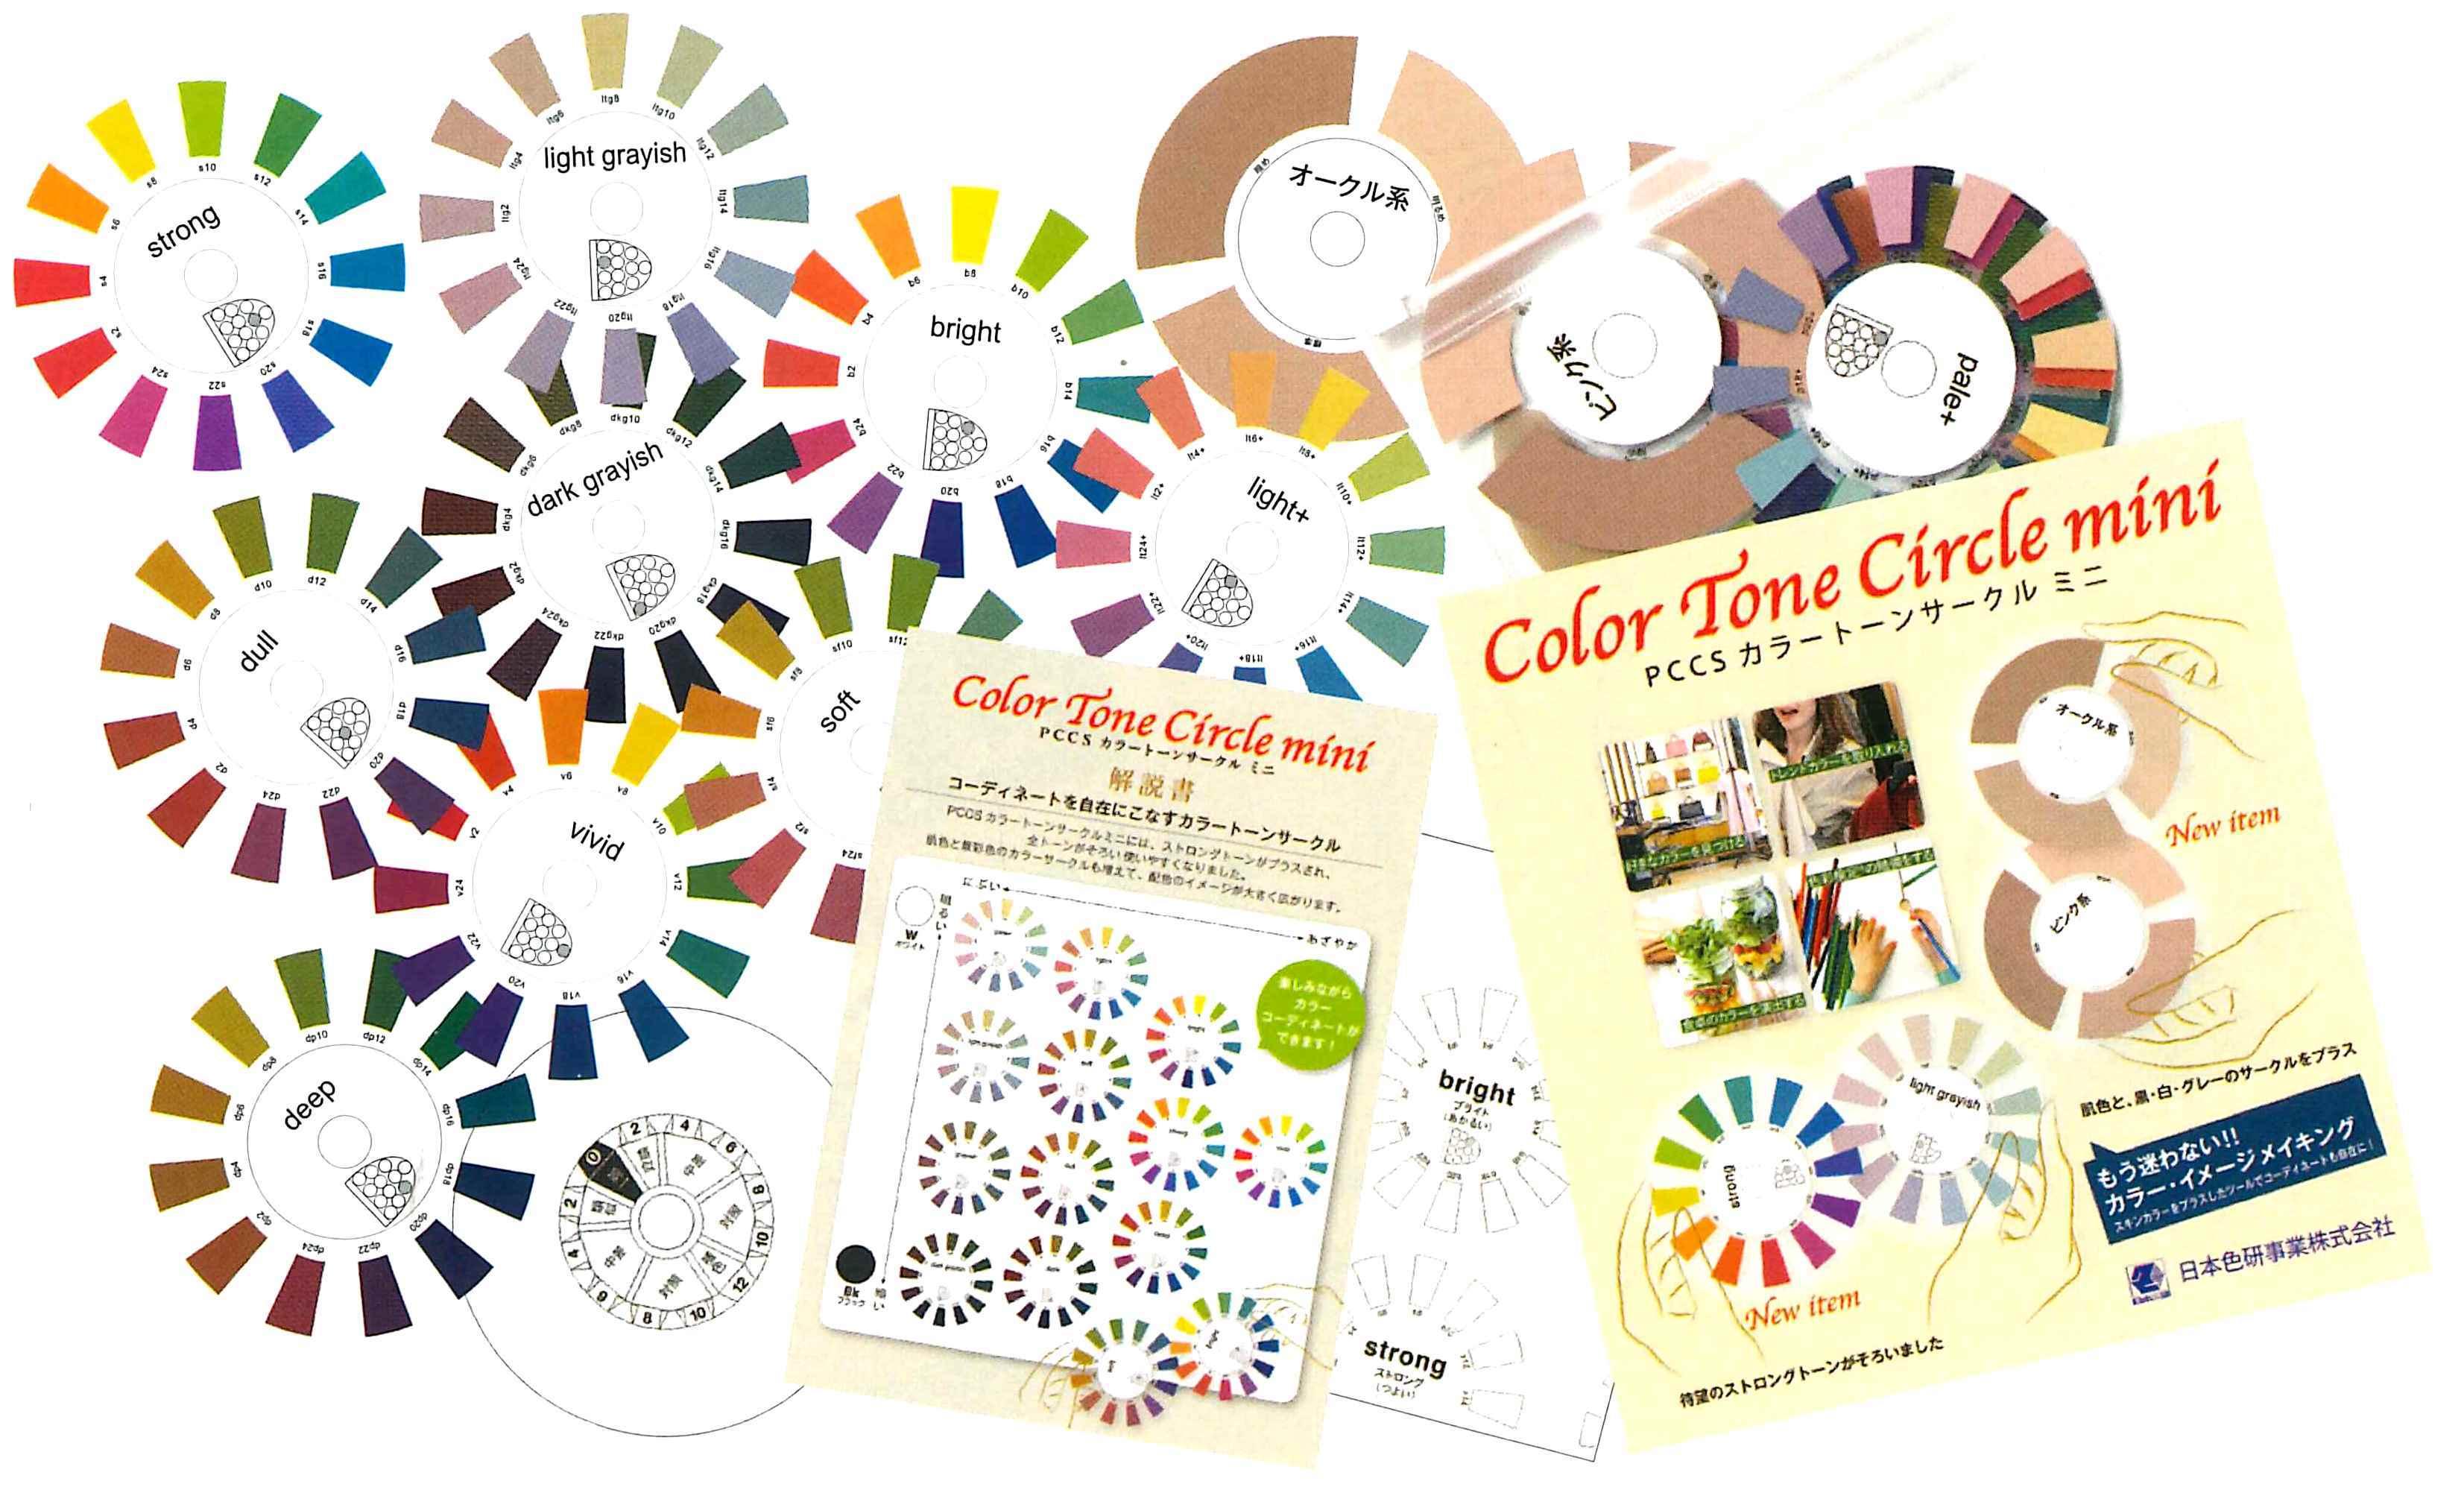 今月のプレゼントは『PCCSカラートーンサークルミニ』です!_d0238101_13222479.jpg